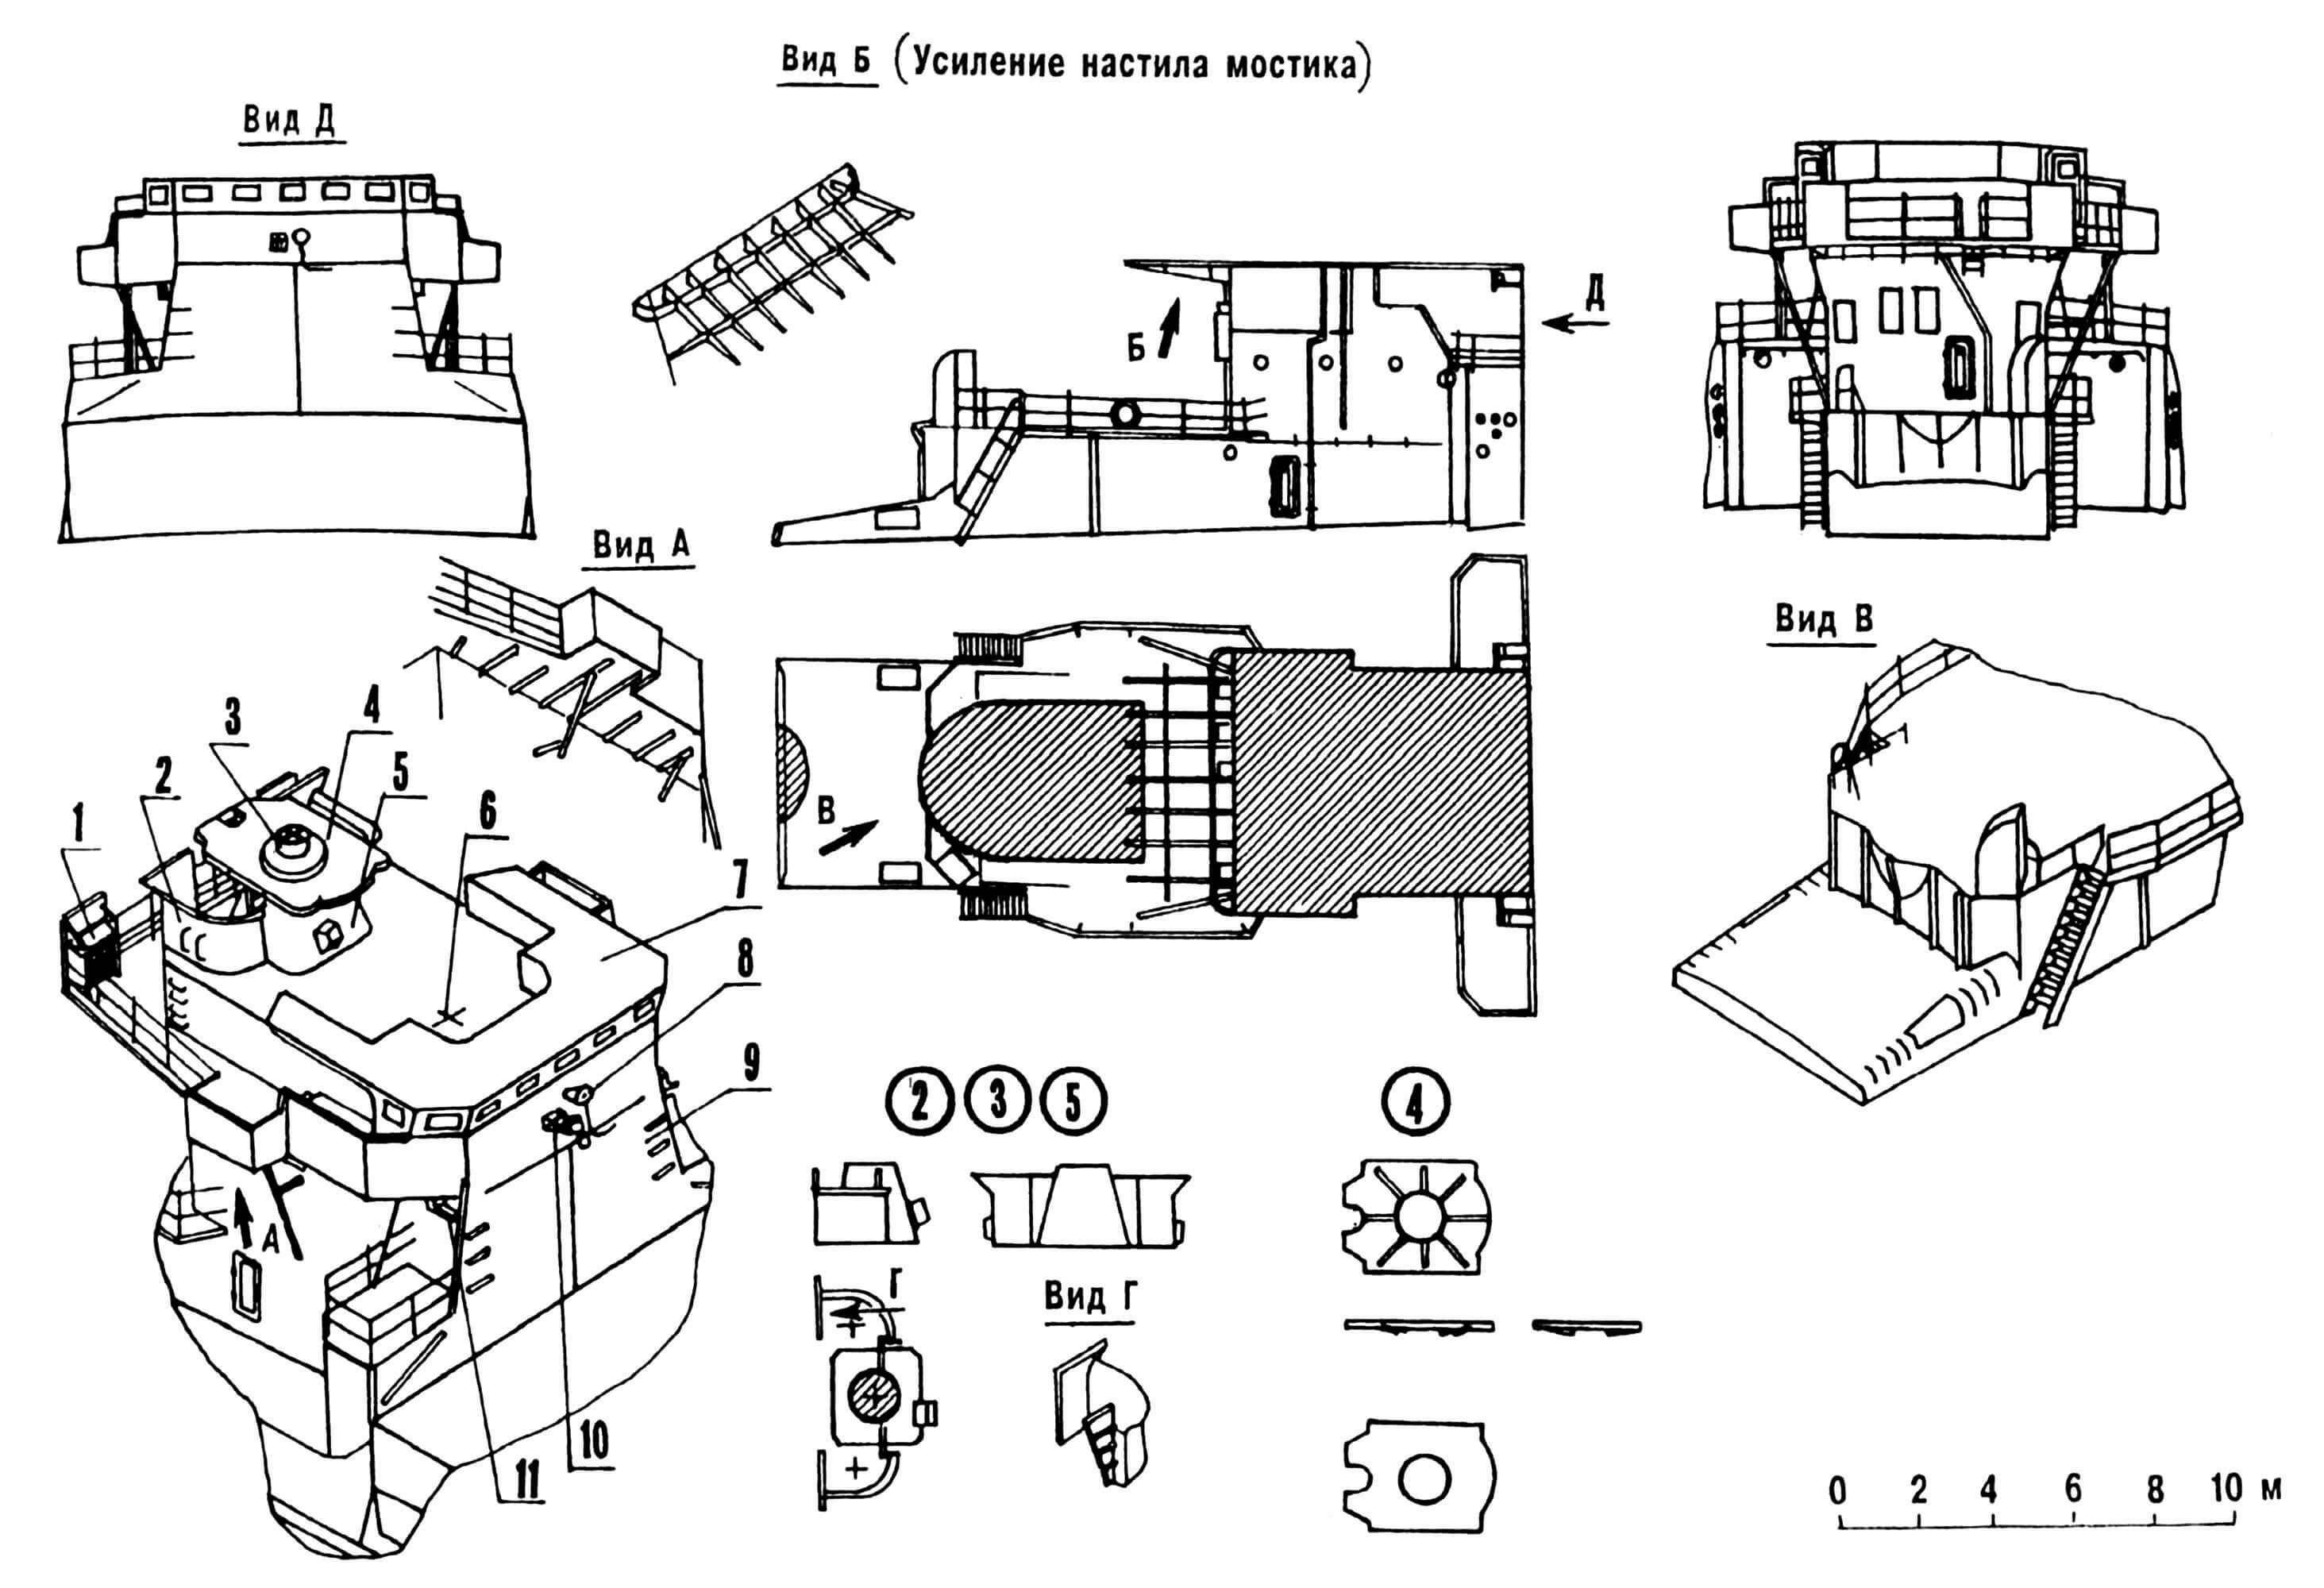 Рубка ходовая (на видах сбоку и сверху мостик условно не показан): 1 — ящик для сигнальных флажков и знаков; 2 — ограждение пелоруса; 3 — барбет дальномерного поста; 4 — площадка дальномерного поста; 5 — основание дальномерного поста; 6 — место установки локатора наведения артиллерийского огня; 7 — мостик ходовой; 8 — громкоговоритель; 9 — надстройка; 10 — огни проблесковые; 11 — огонь бортовой, отличительный (правый борт — зеленый, левый борт — красный).